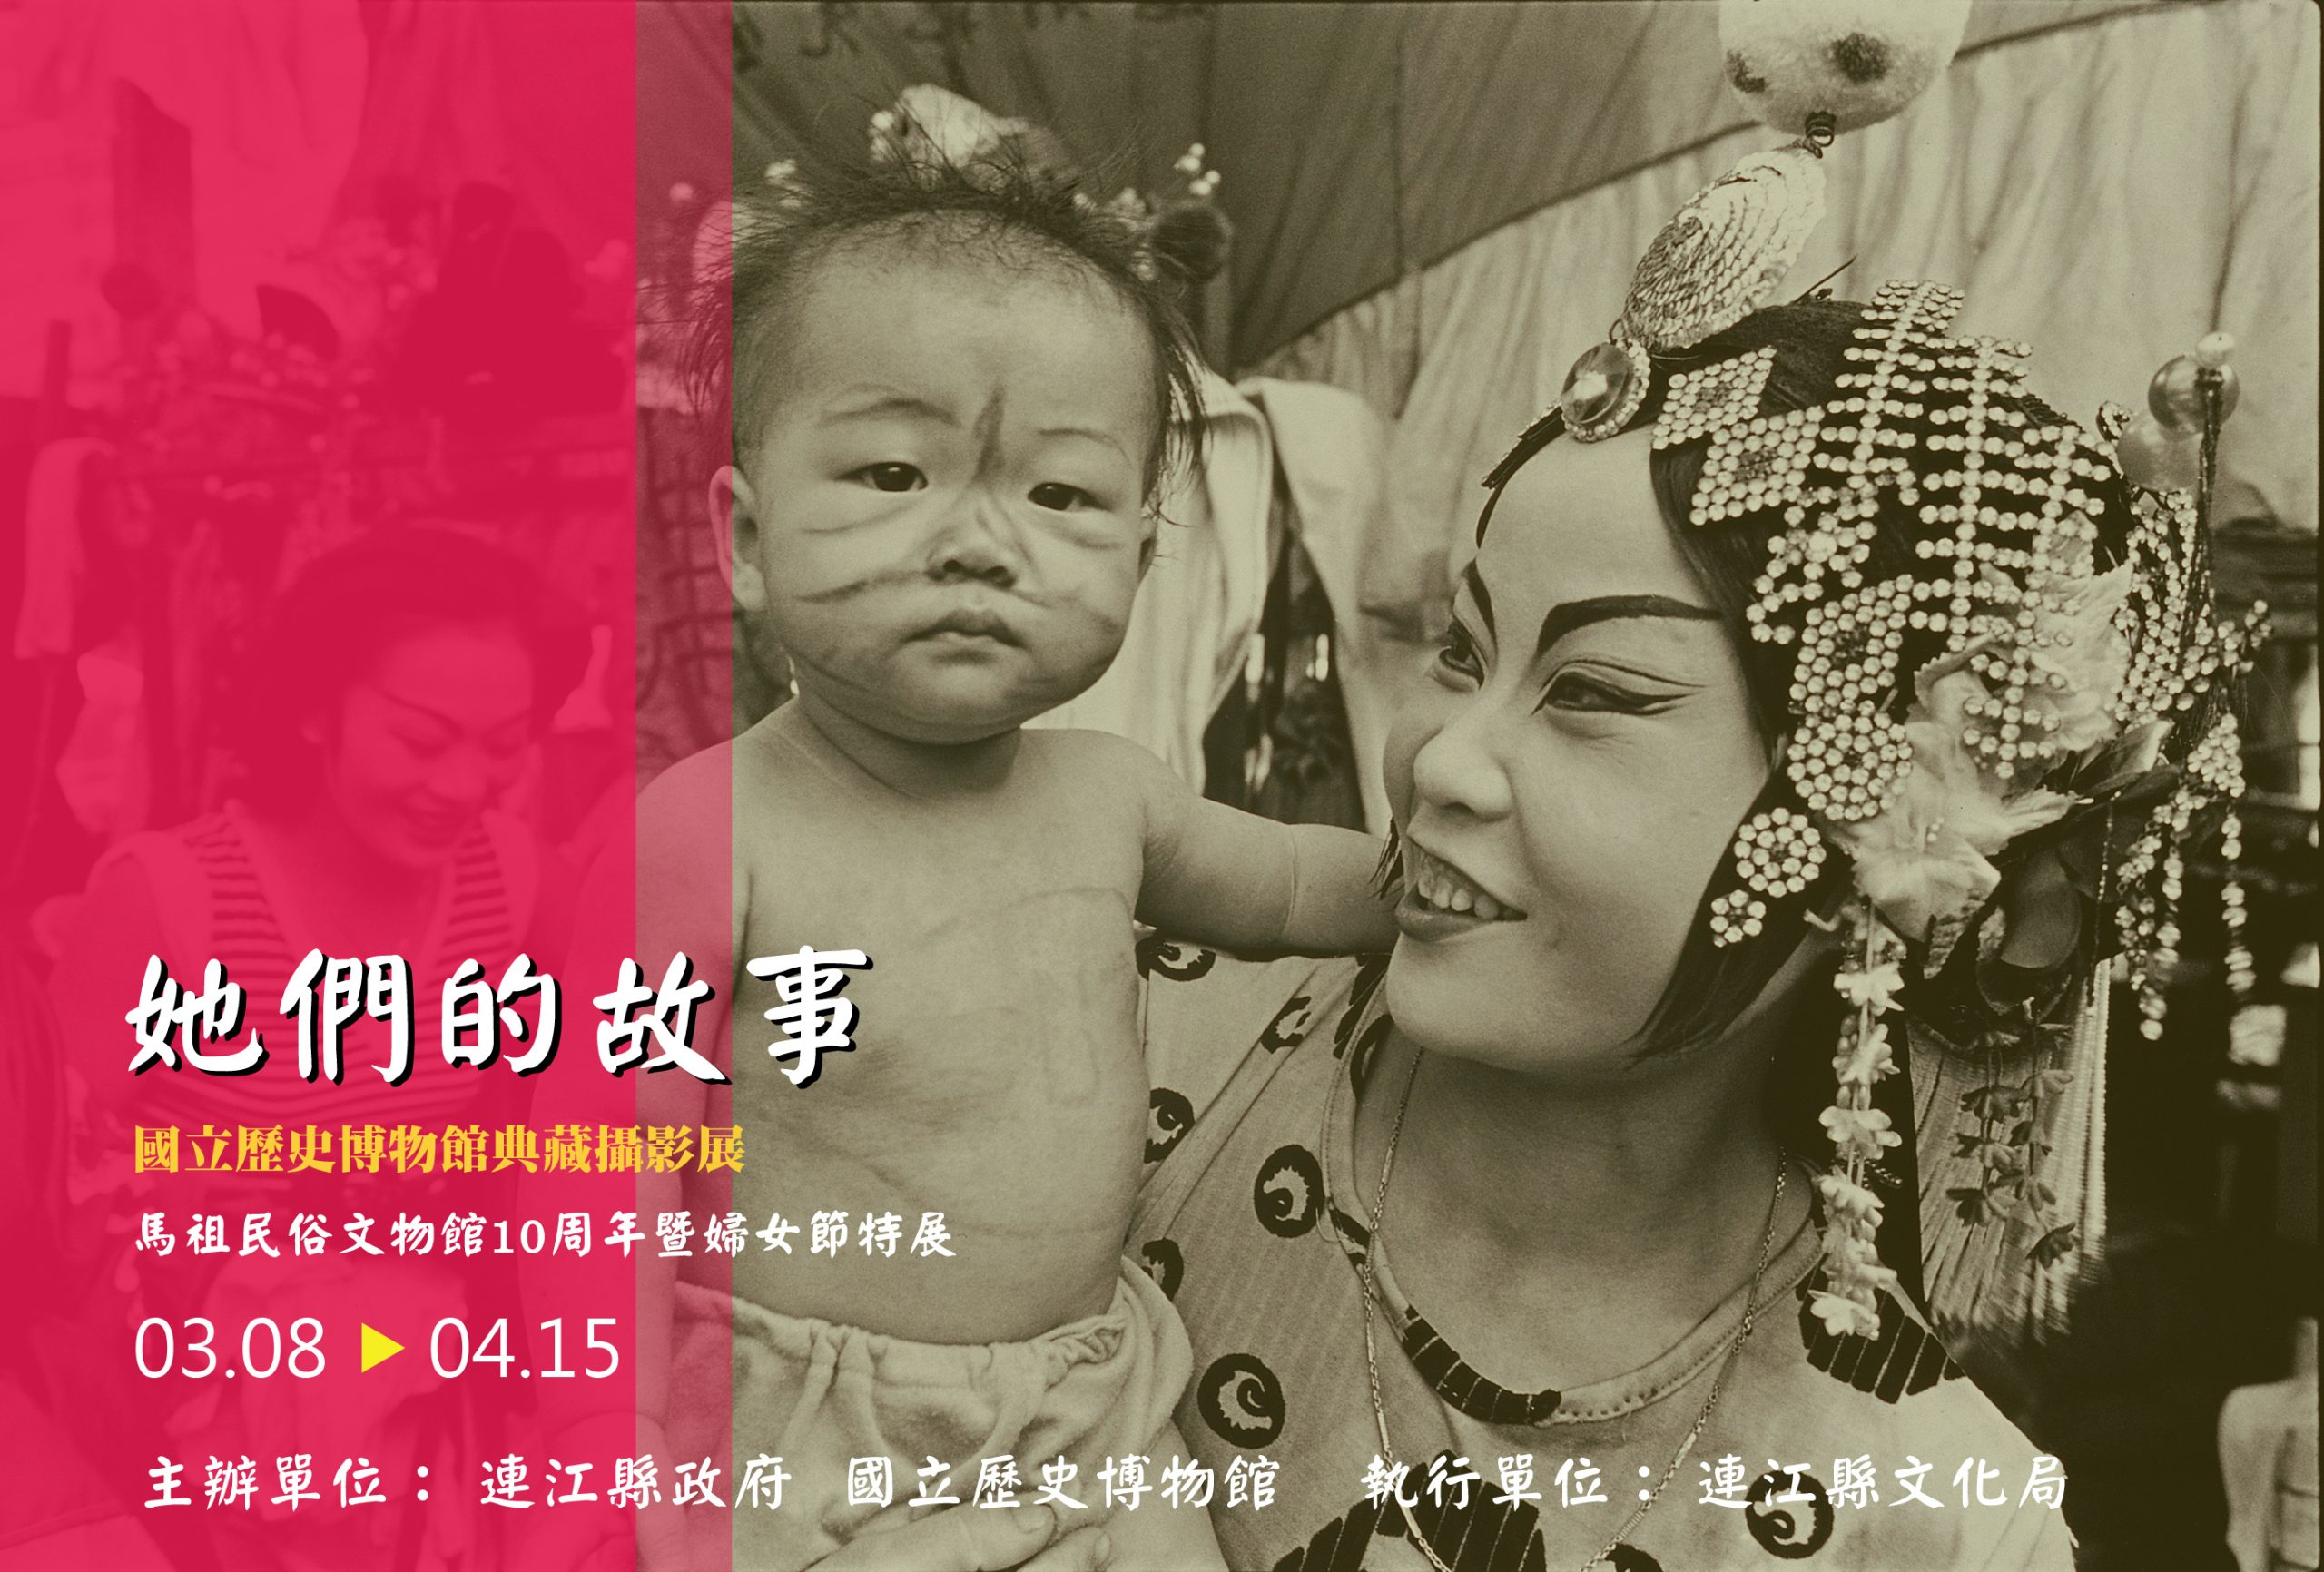 她們的故事-國立歷史博物館典藏女性圖像攝影展